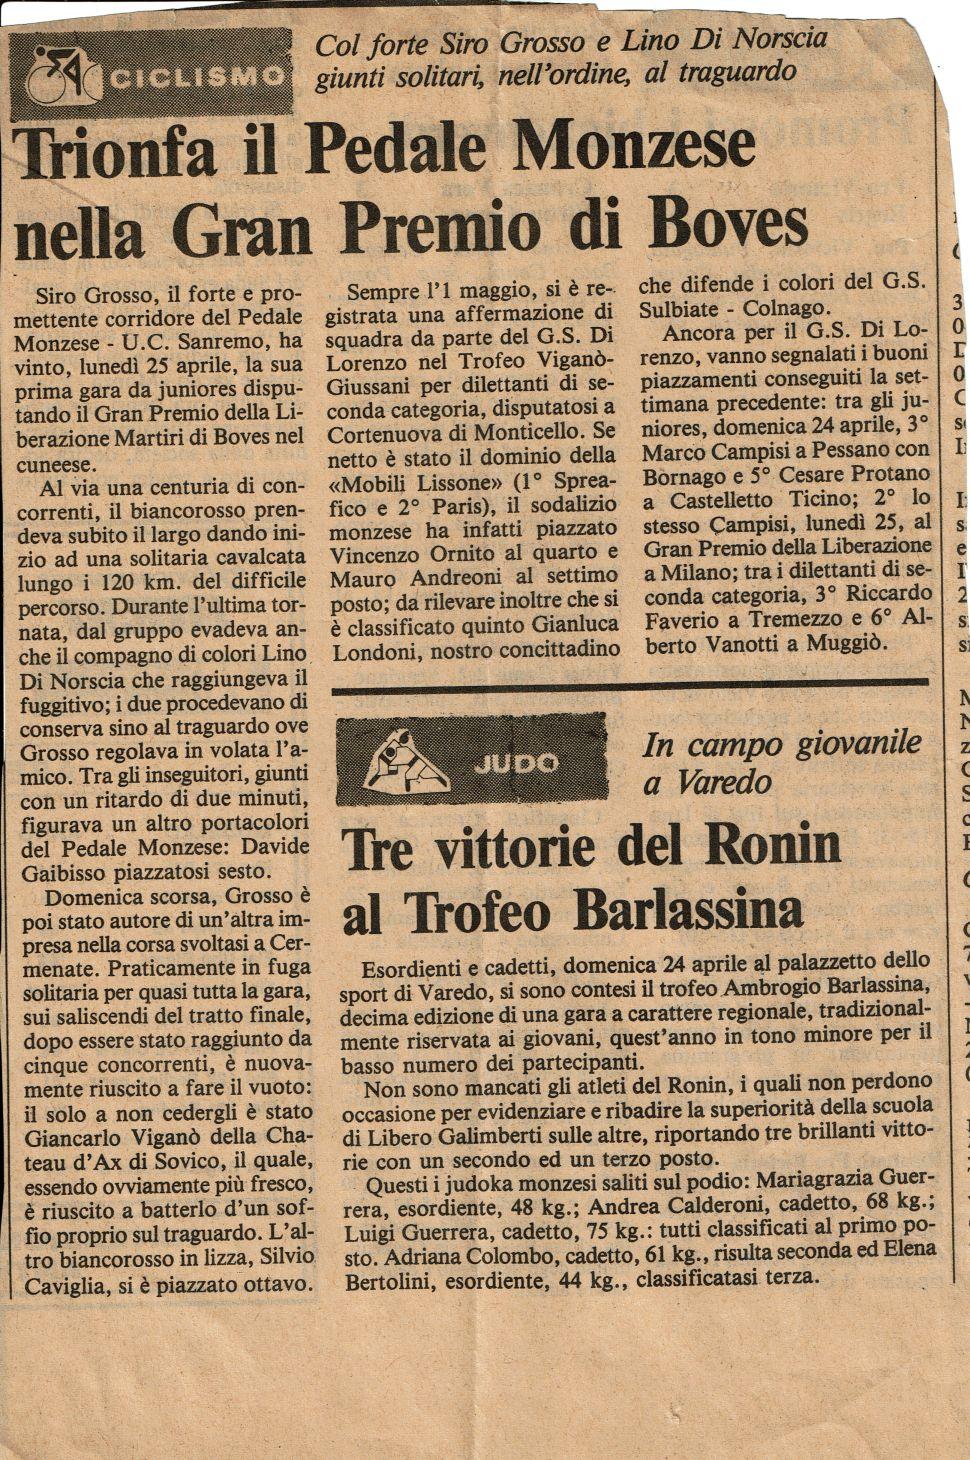 1 14 Maggio 1990